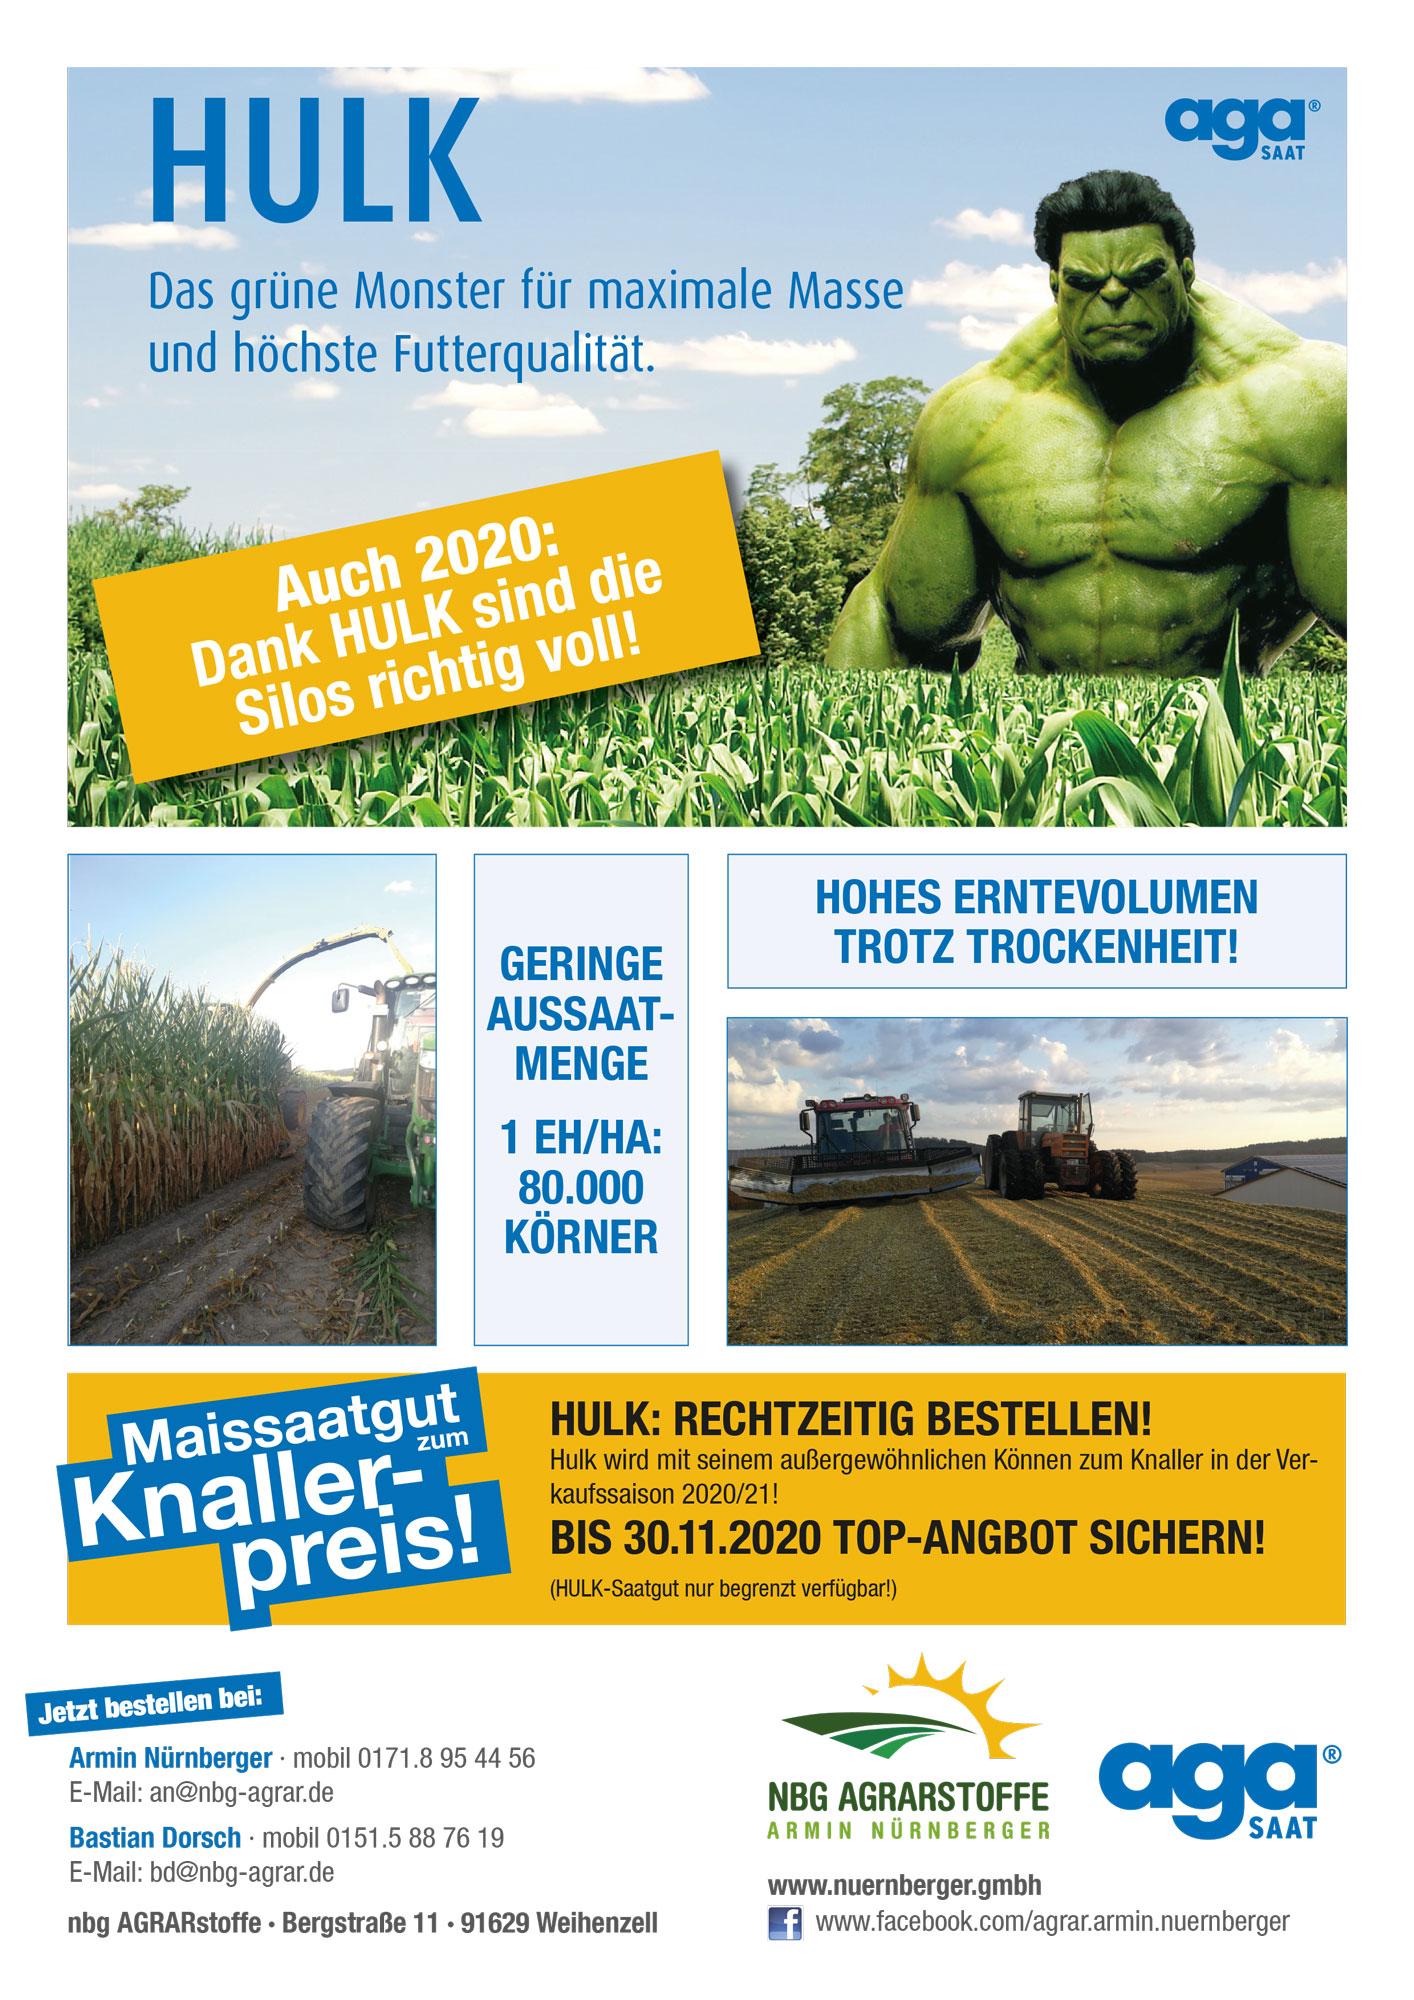 Maissaatgut HULK von agaSAAT, Vertrieb durch nbg AGRARstoffe